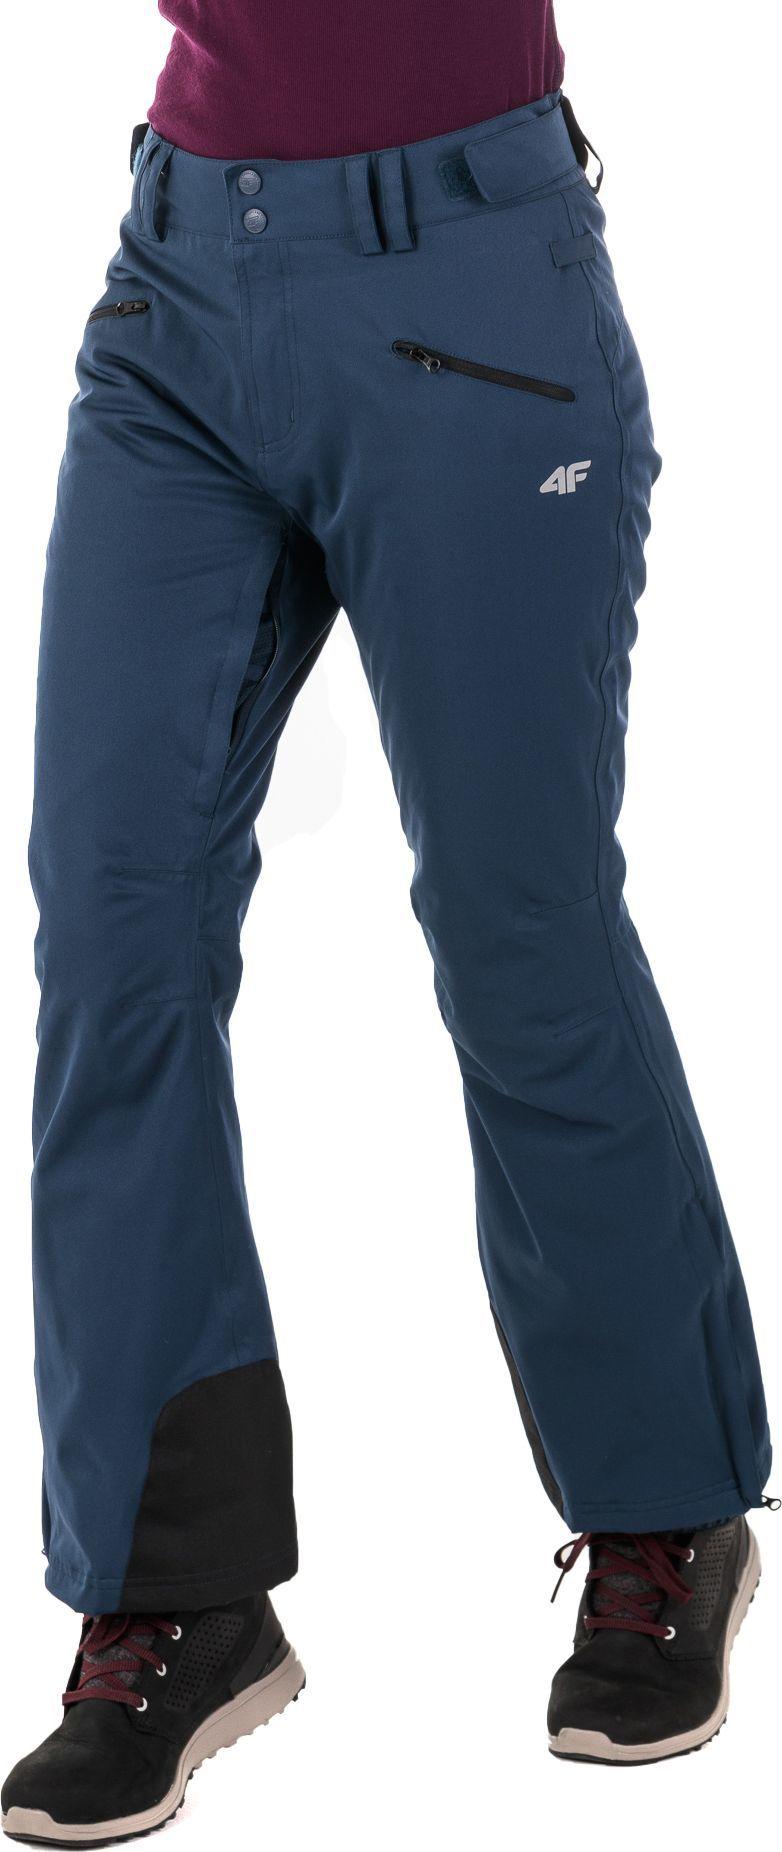 4f spodnie narciarskie damskie granatowy melanz